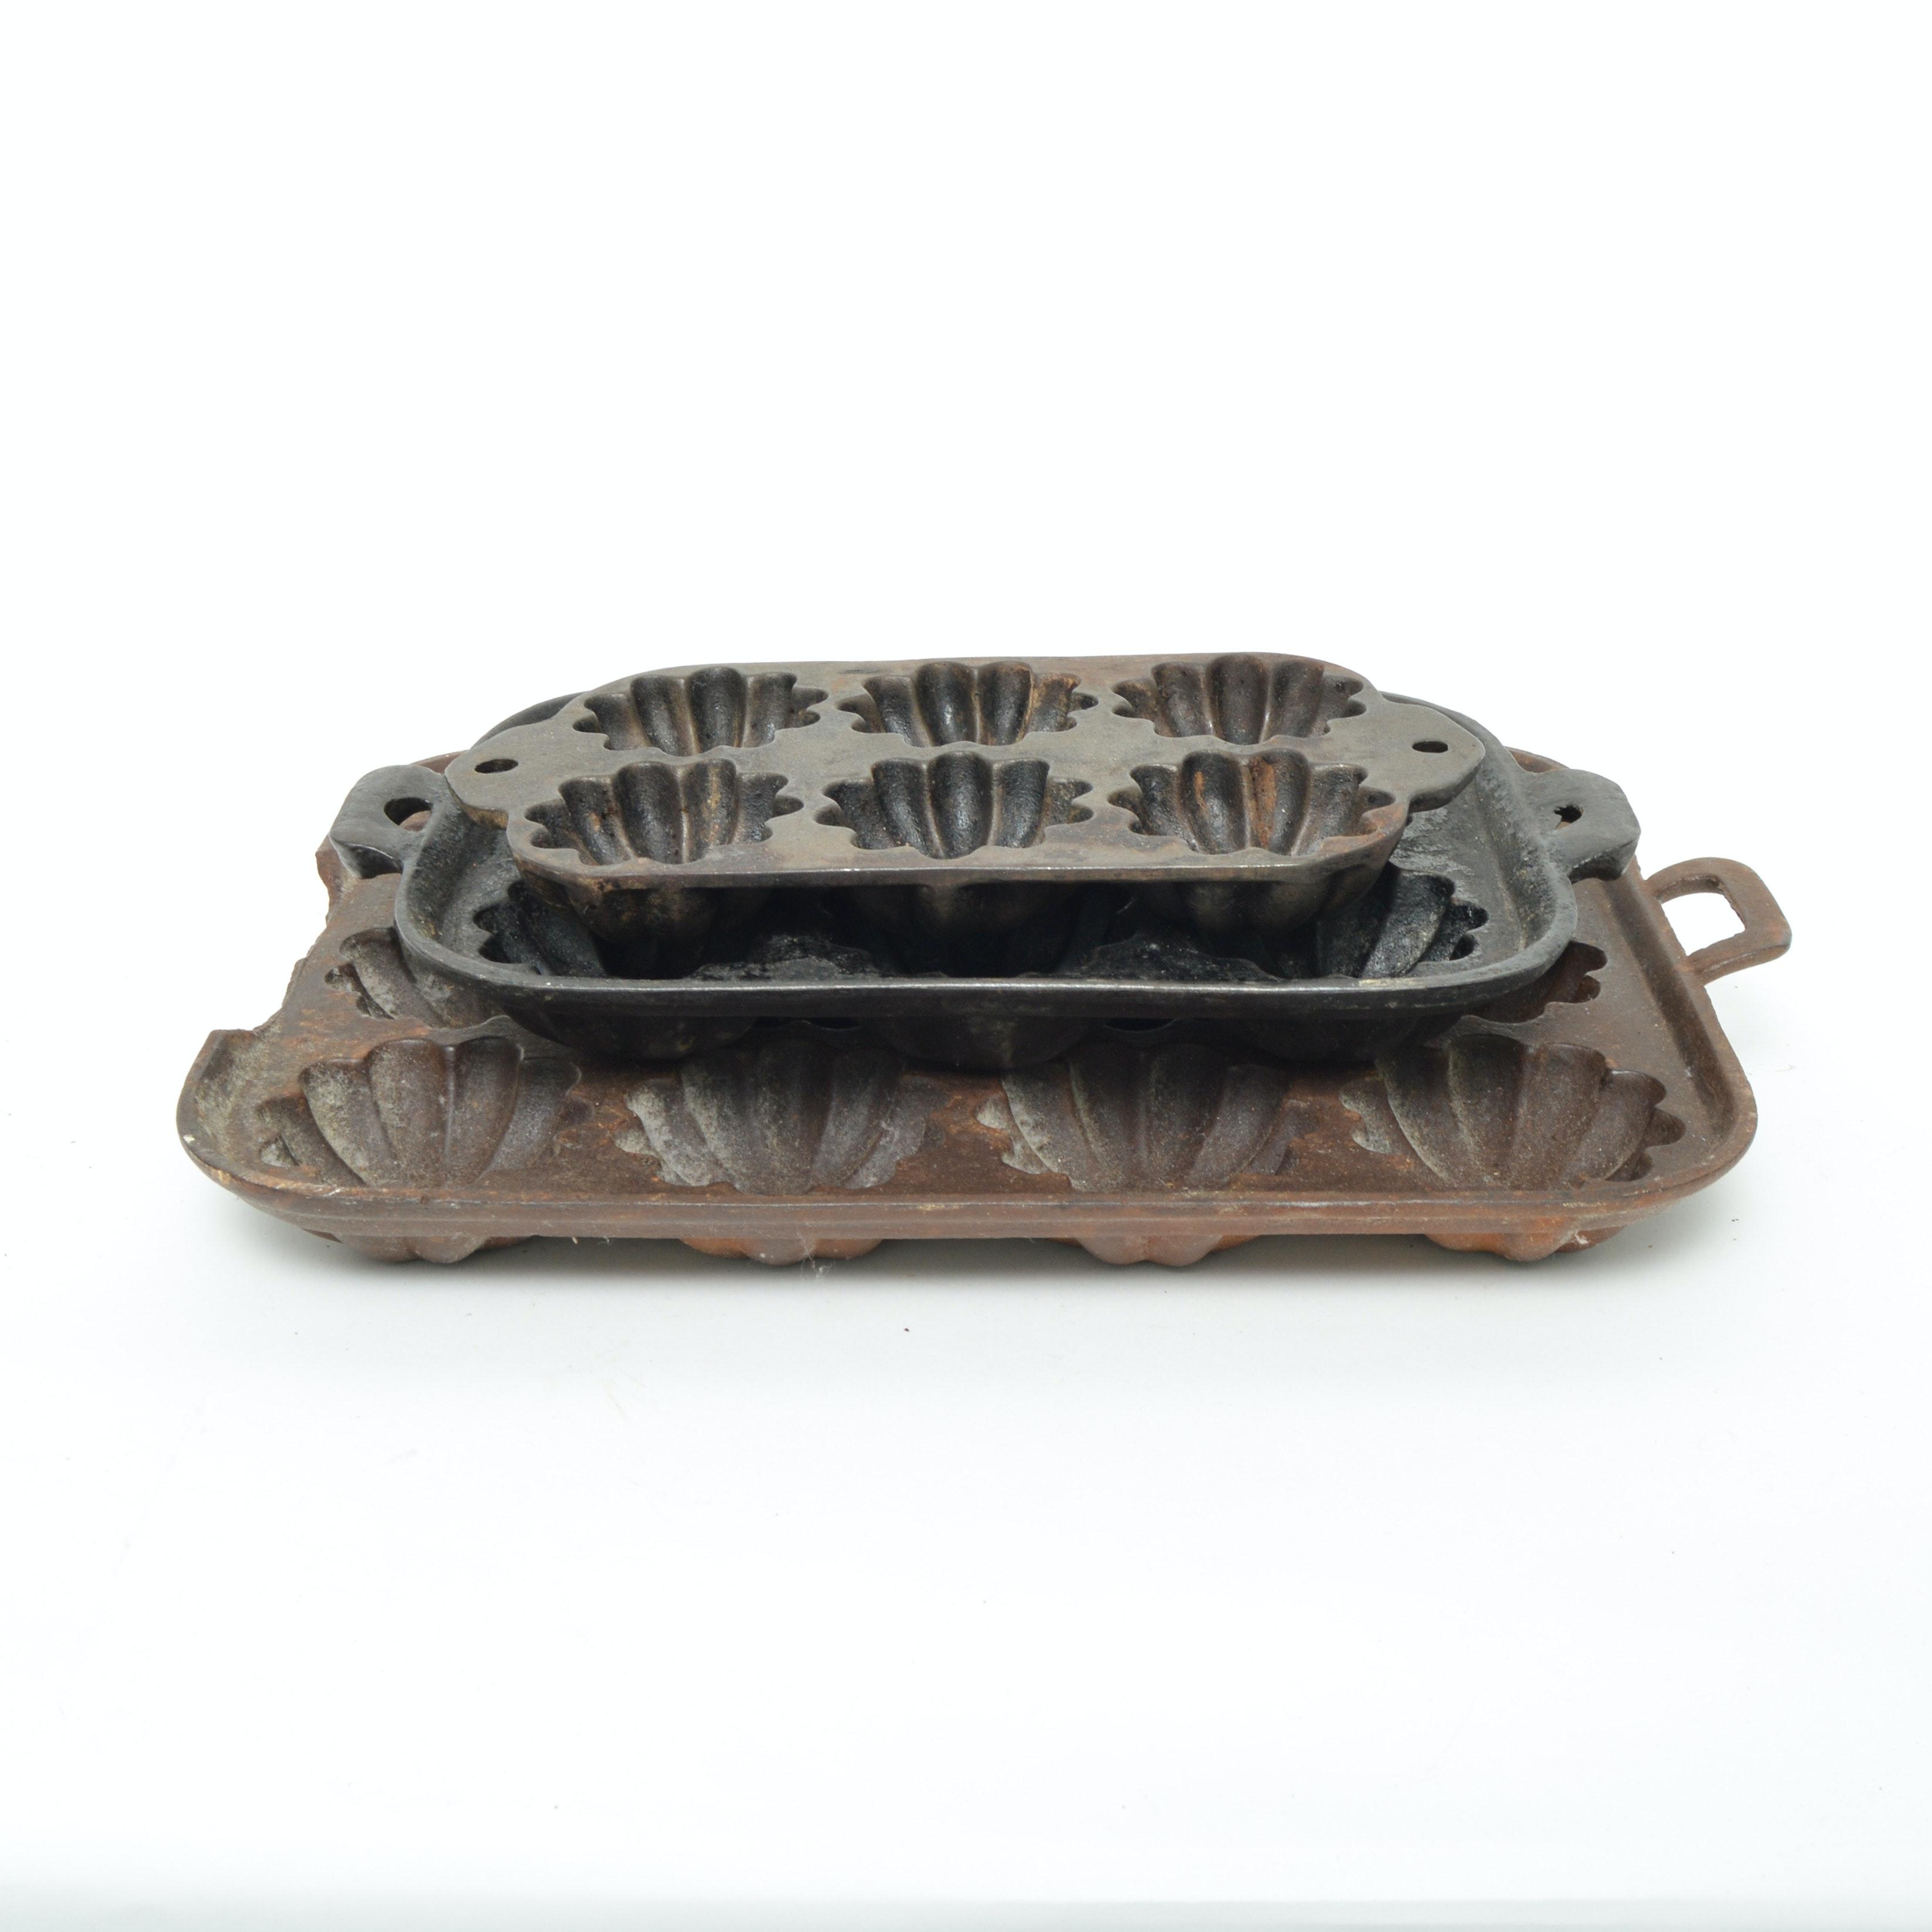 Vintage Cast Iron Cornbread Pans